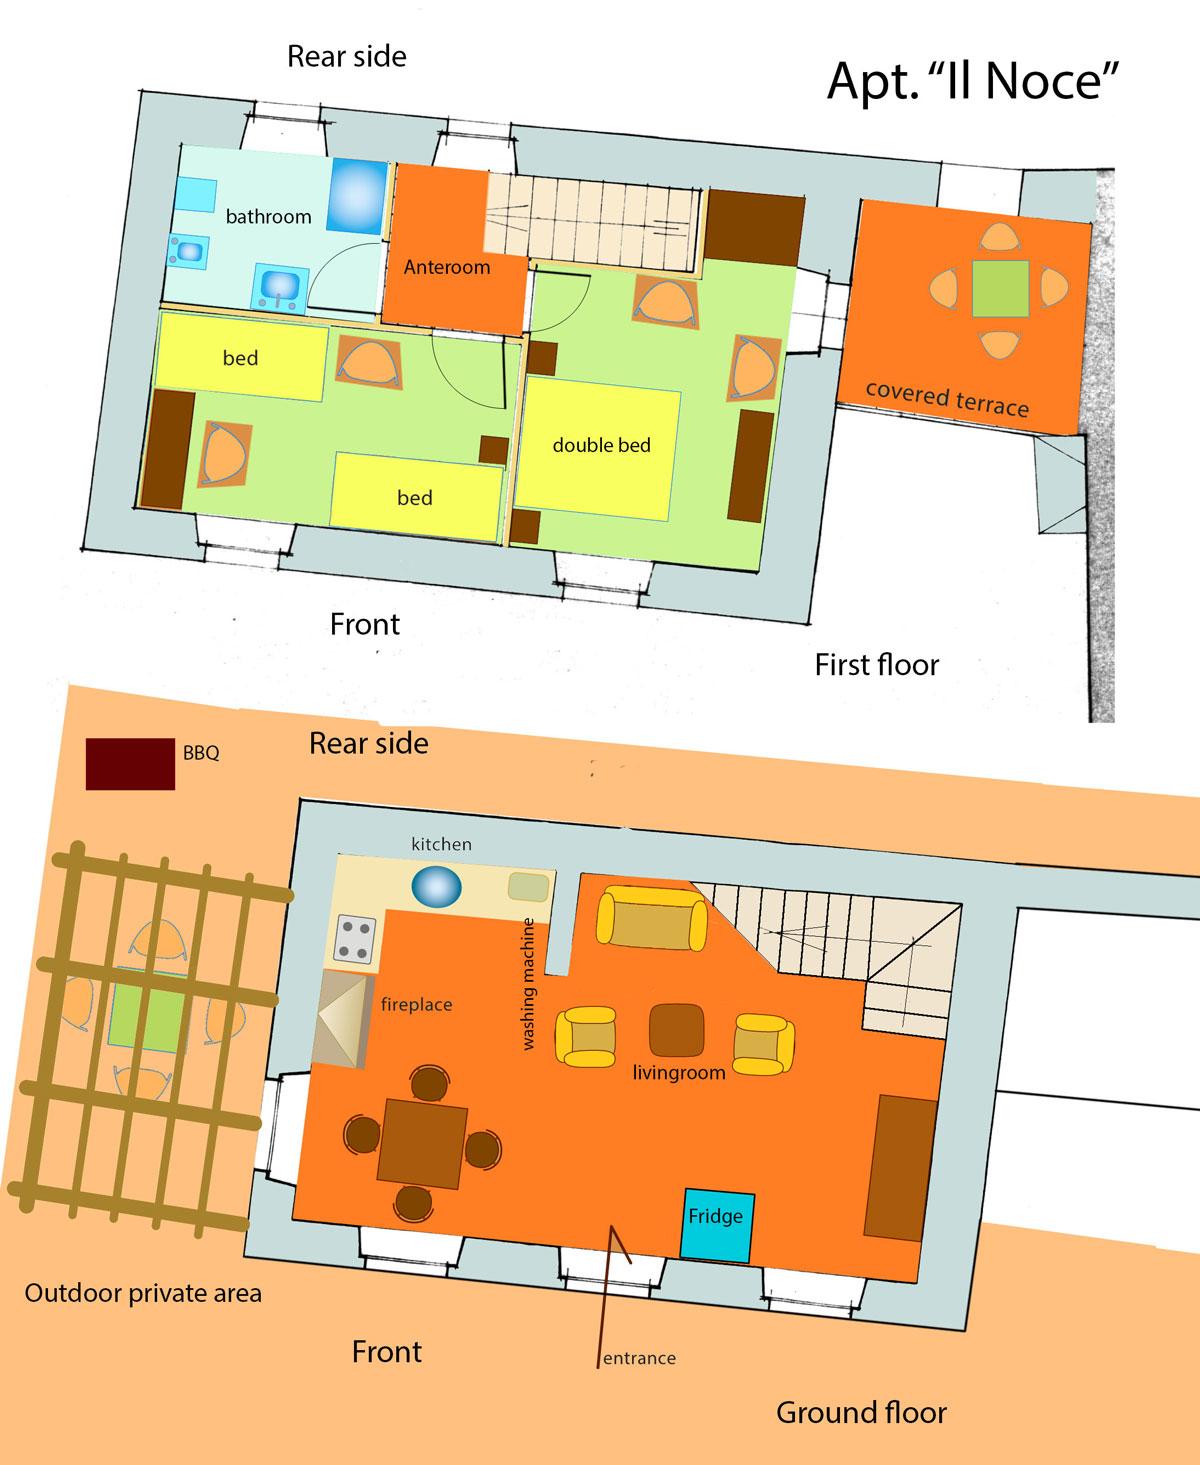 layout apt1, Il Noce